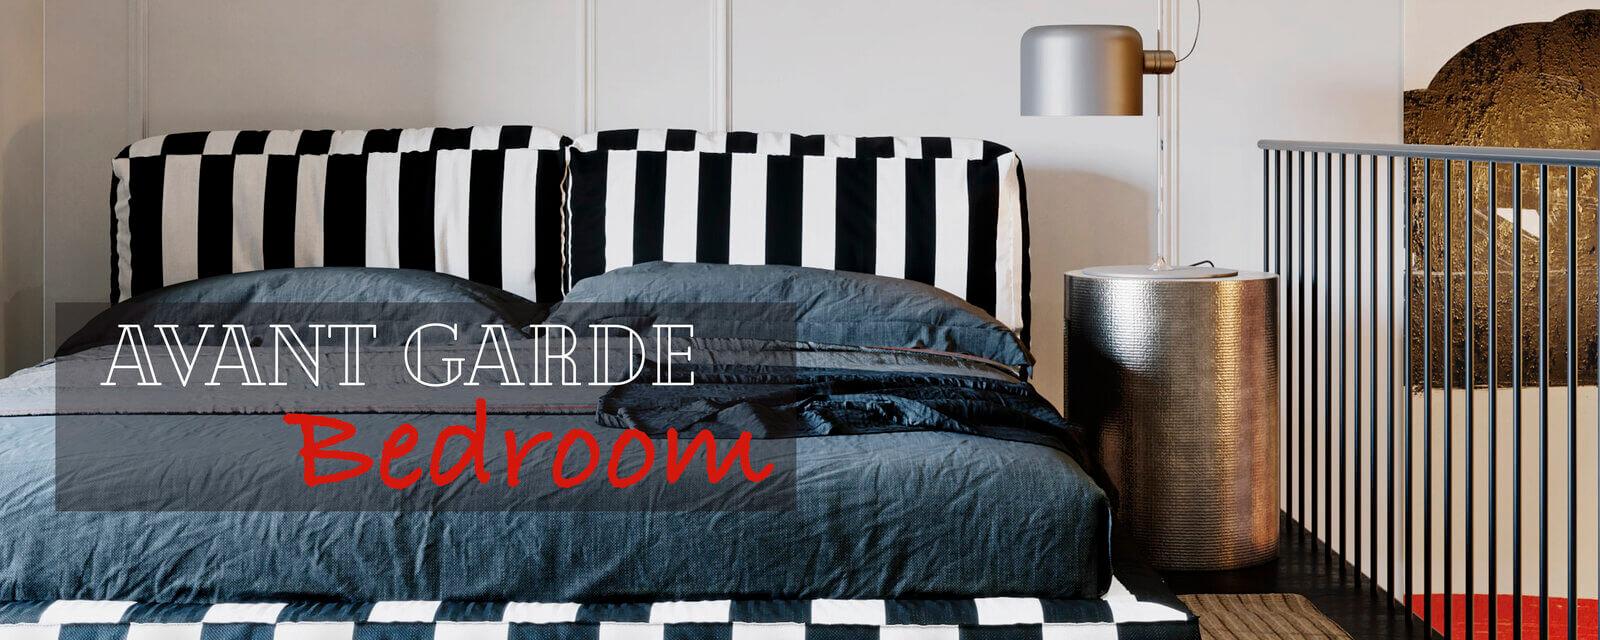 Avant Garde | Bedroom